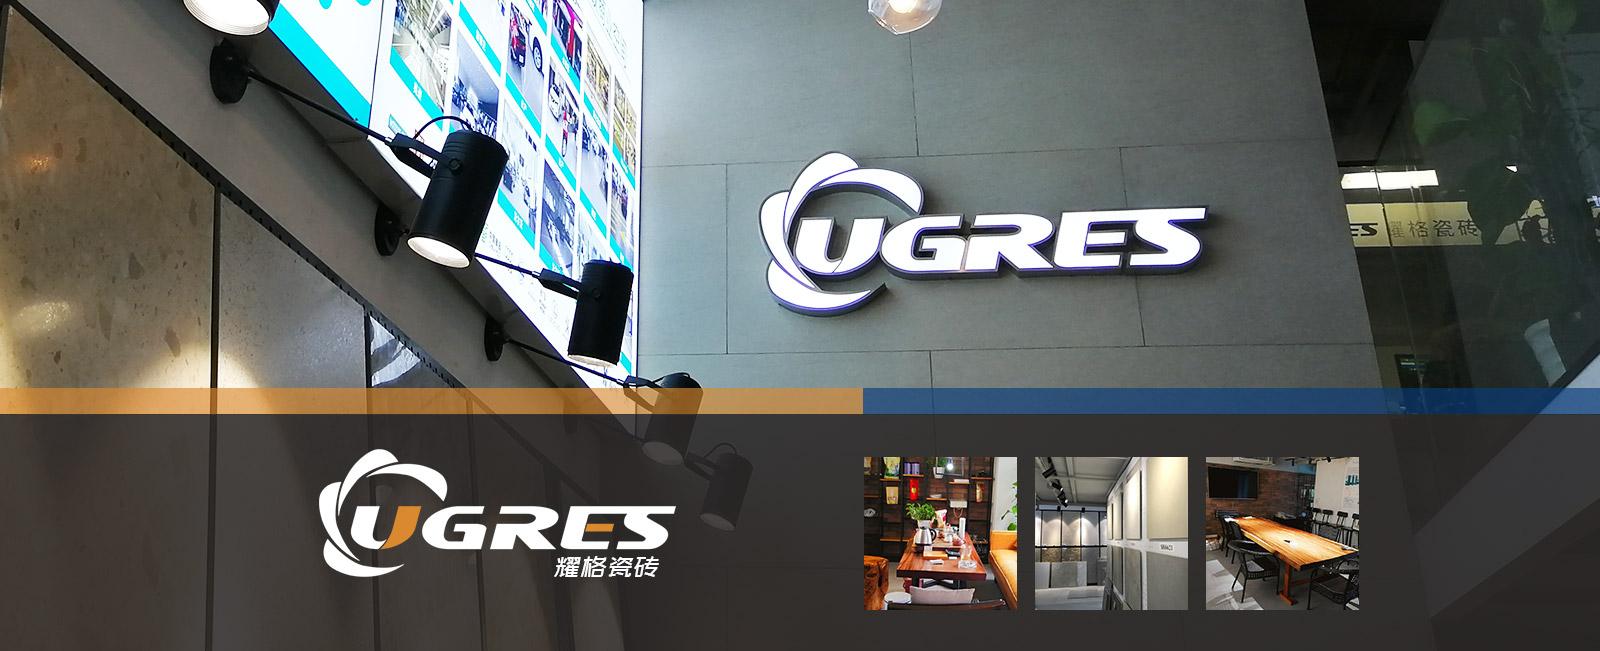 上海耀格建材有限公司